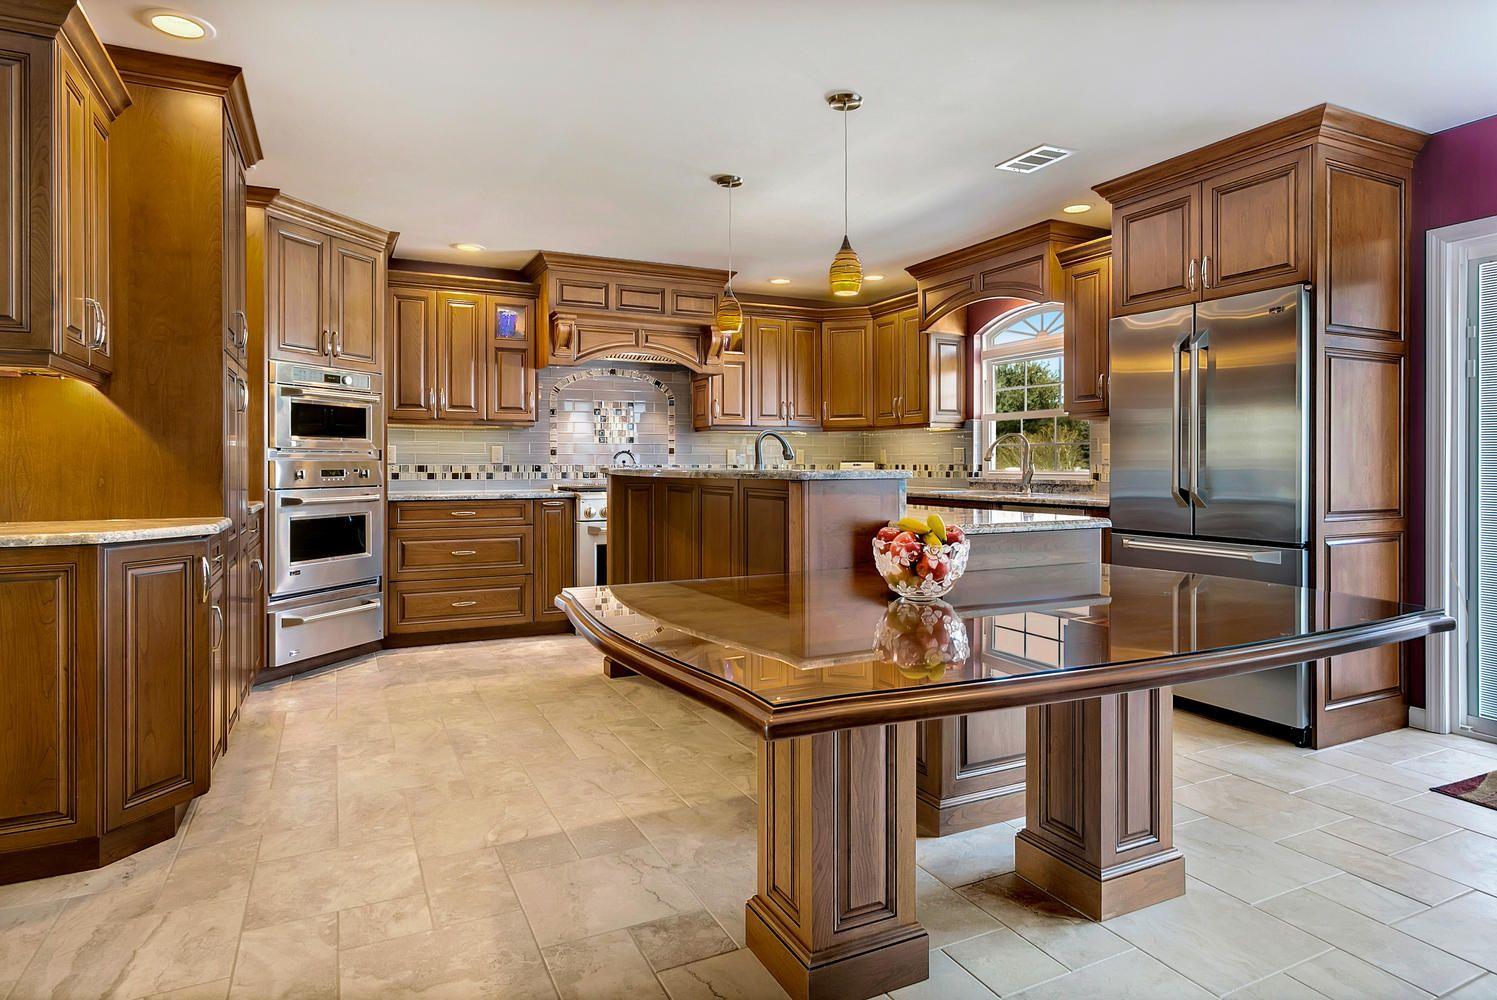 Stunning Cherry Kitchen in Brick Cherry kitchen, Brick